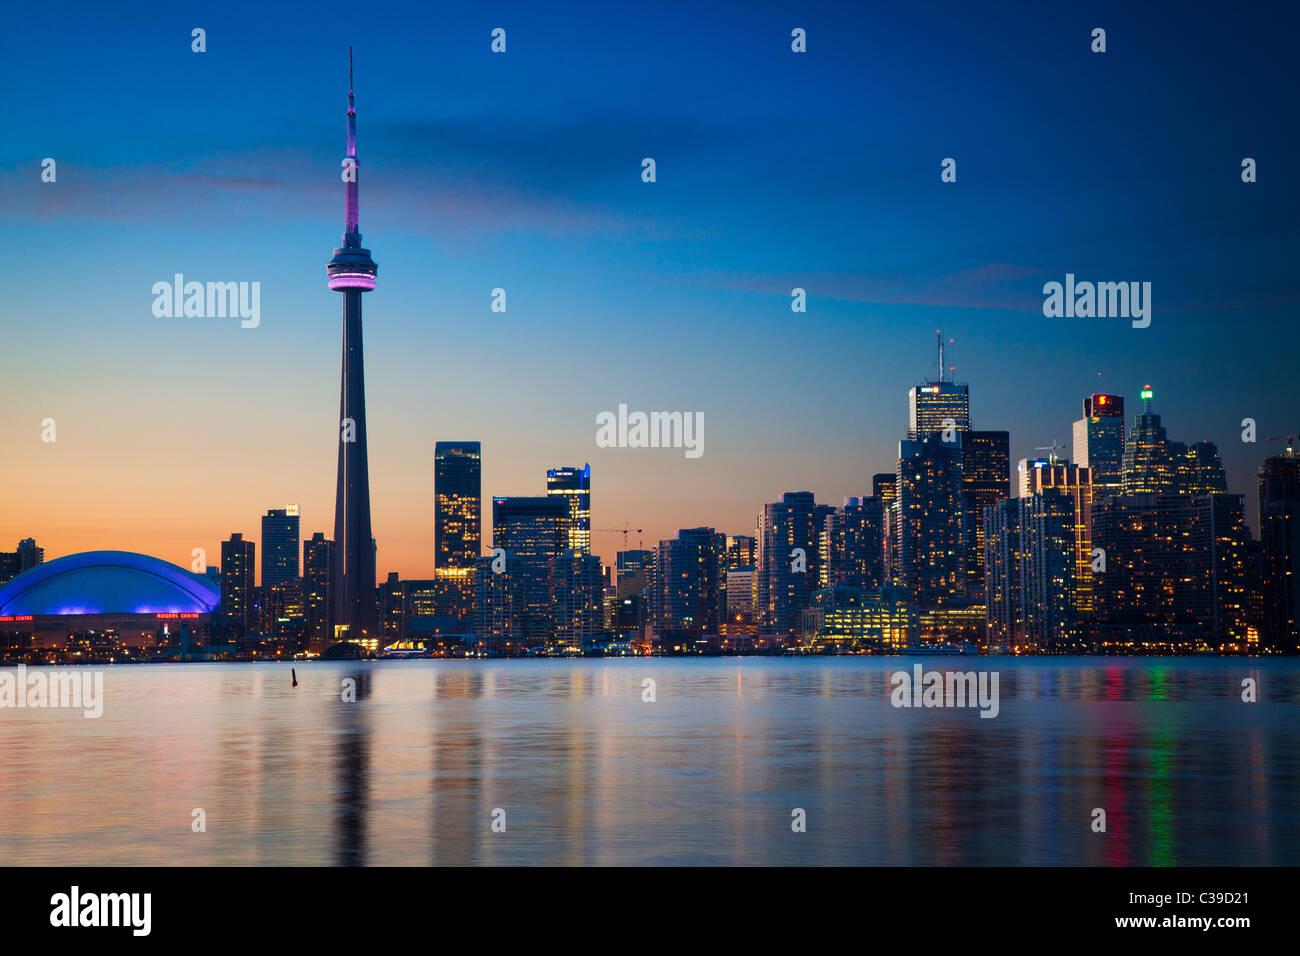 Die Innenstadt von Toronto Skyline, einschließlich der CN Tower und Rogers Center, wie in den frühen Abendstunden Stockbild